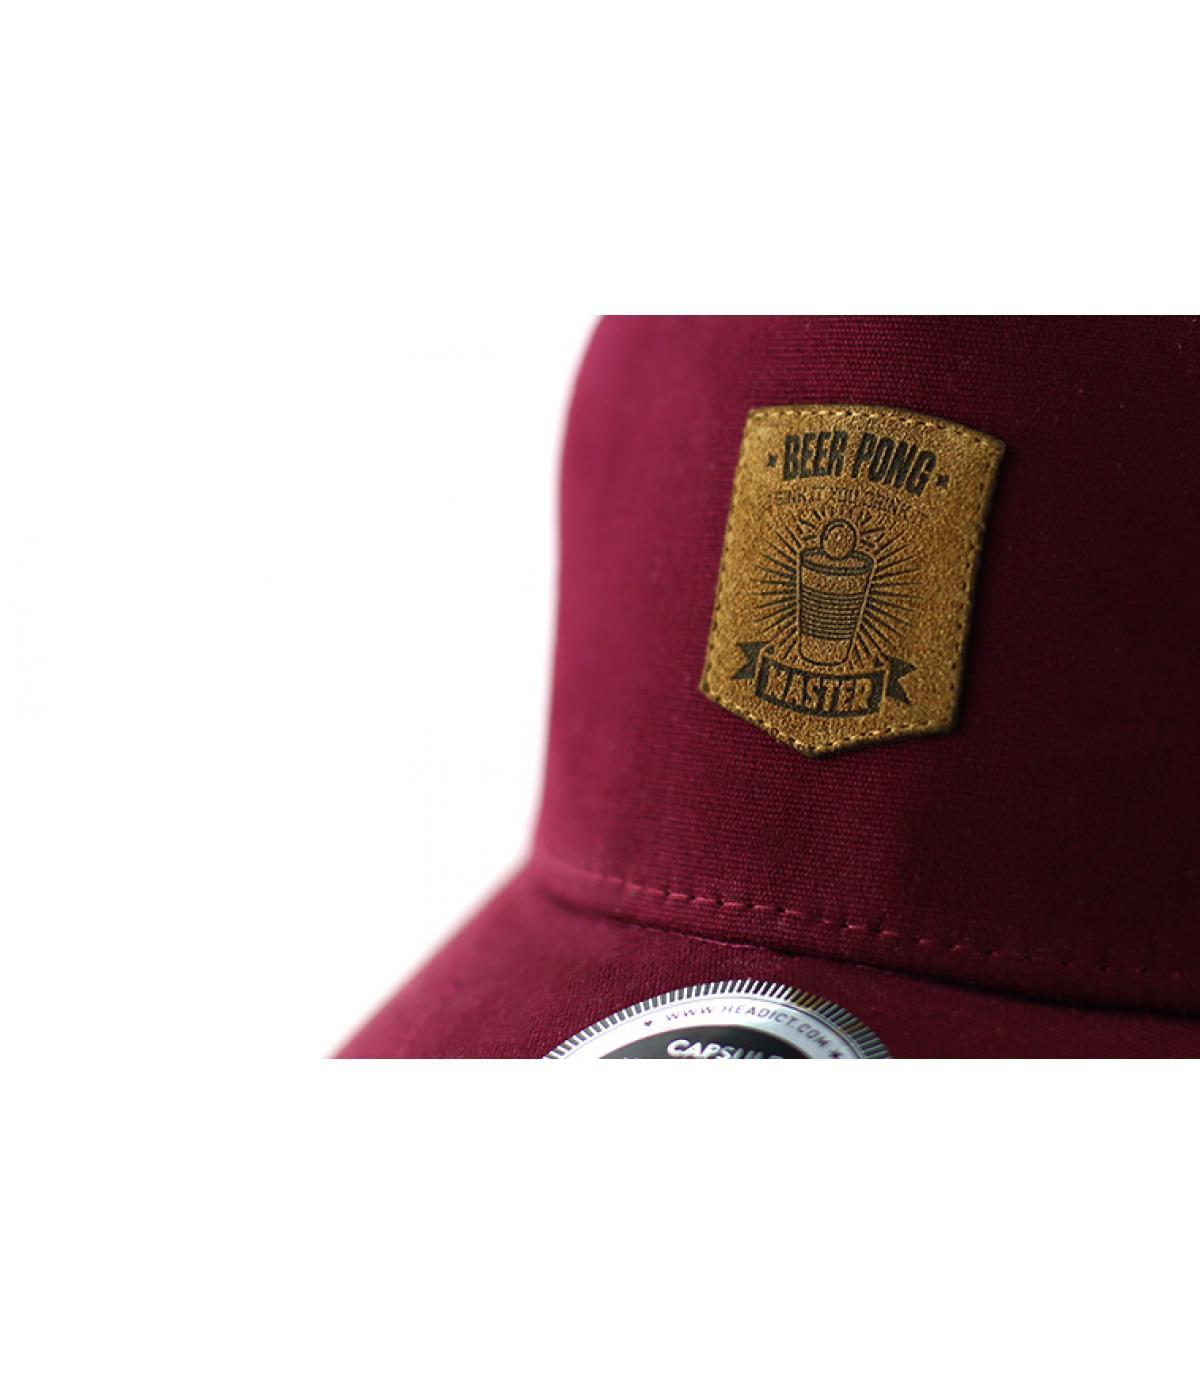 Dettagli Curve Beer Pong burgundy - image 3